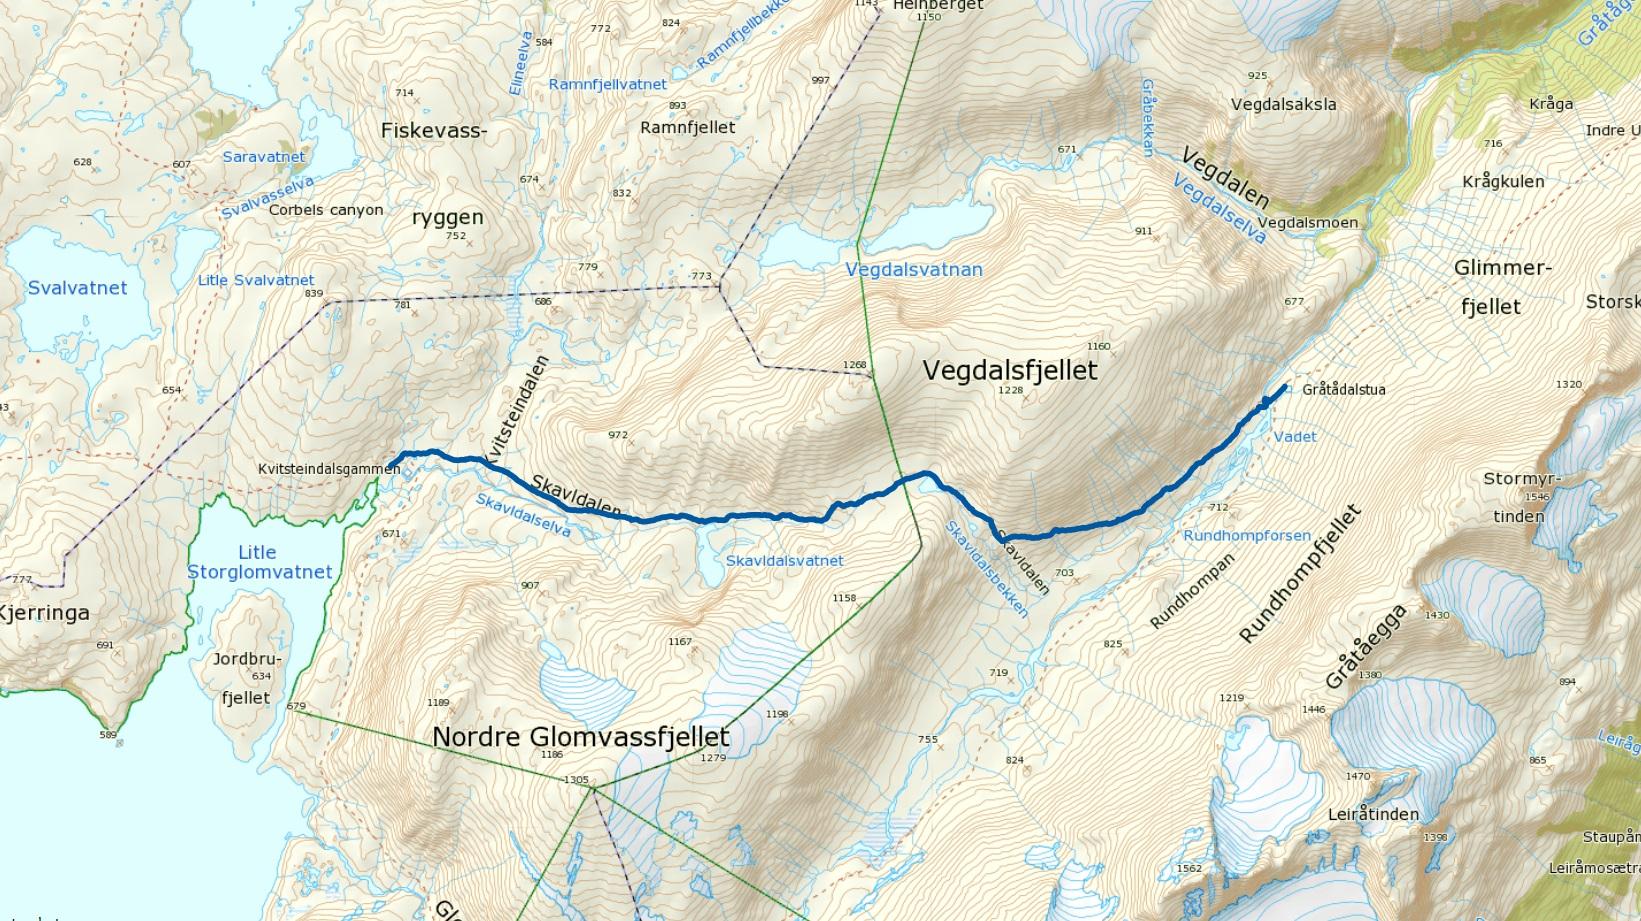 Kvitsteindalen-Gråtådalstua